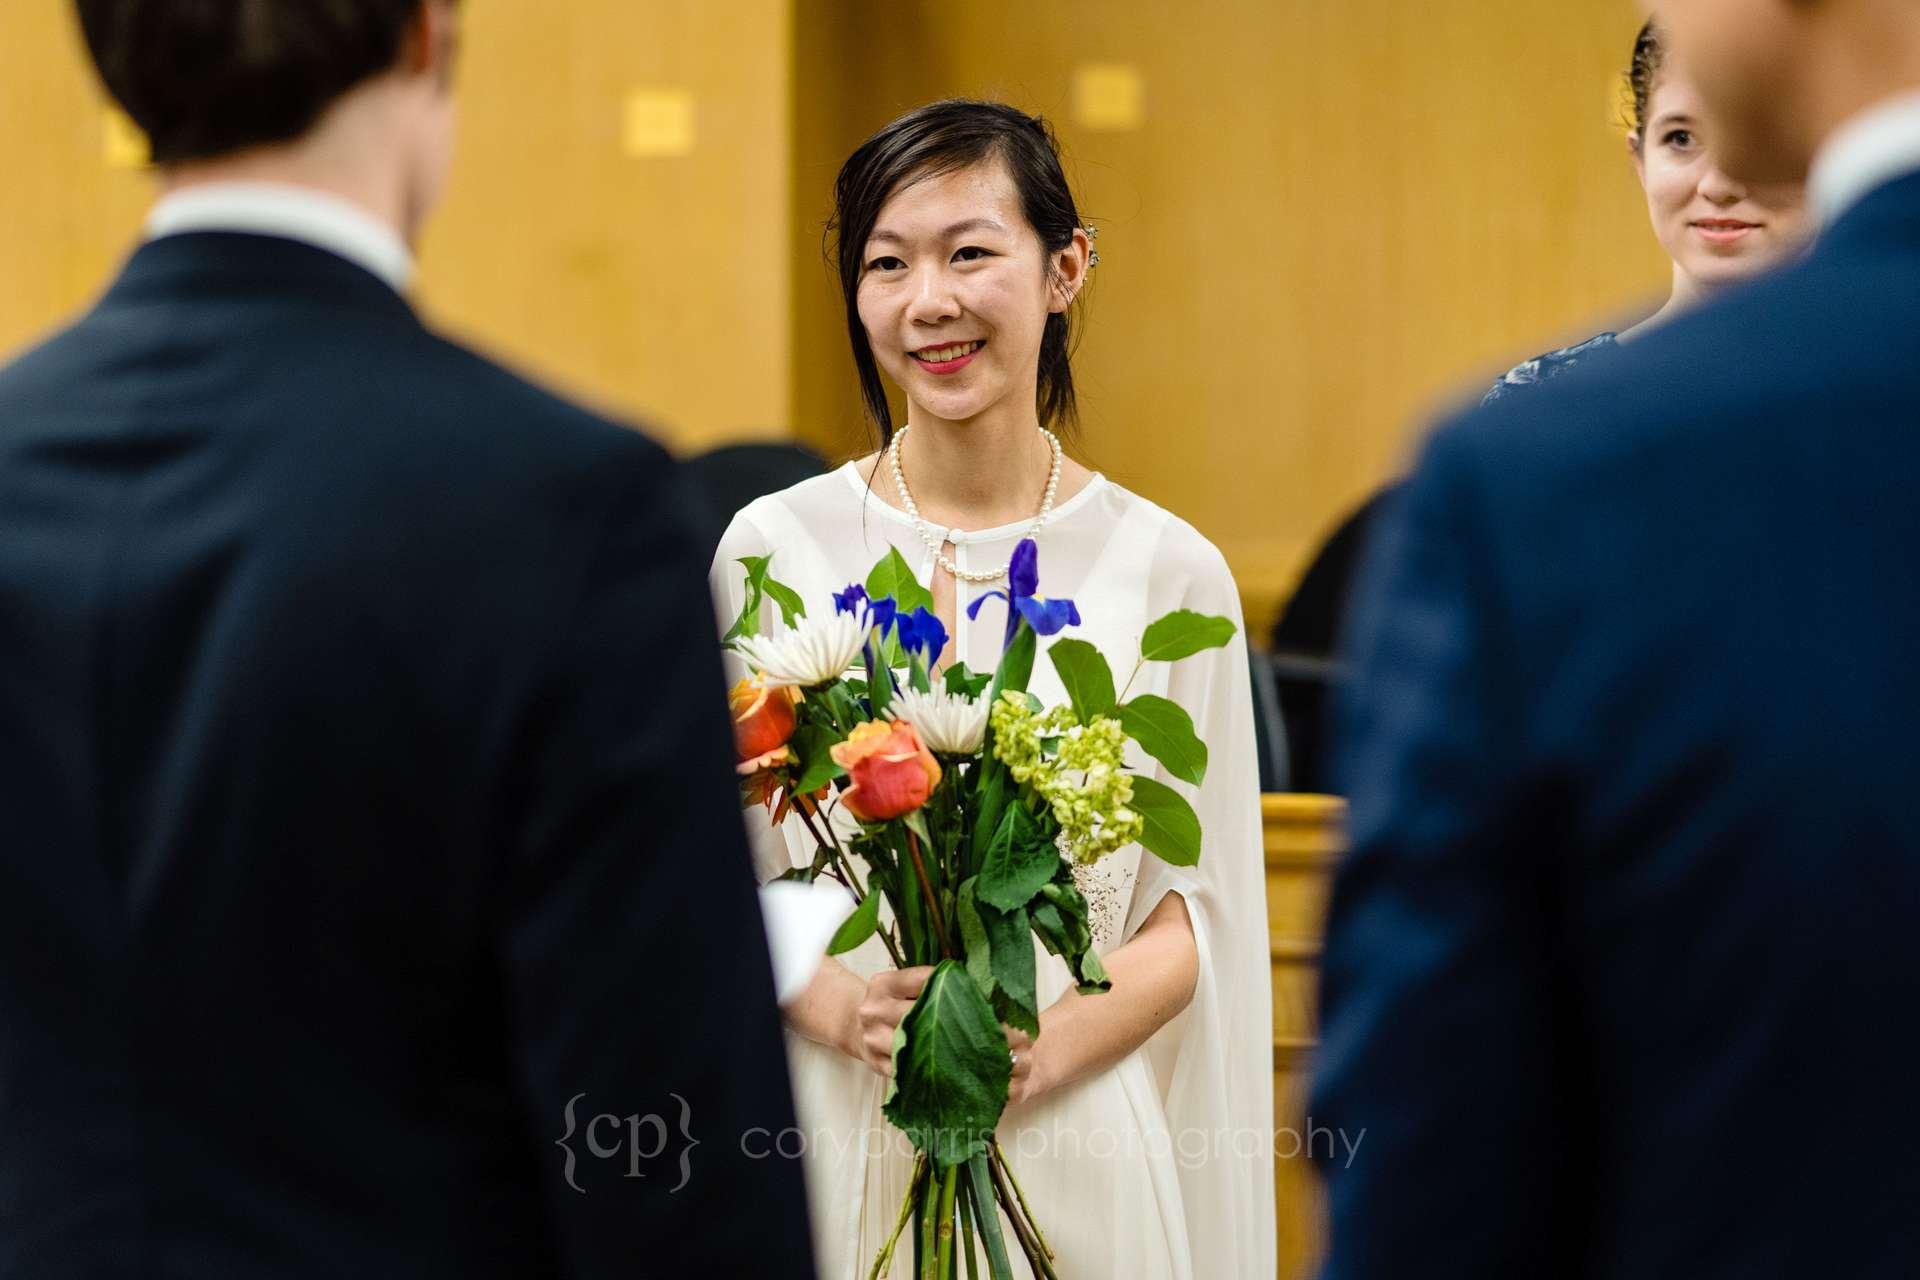 057-Seattle-elopement-photographer.jpg